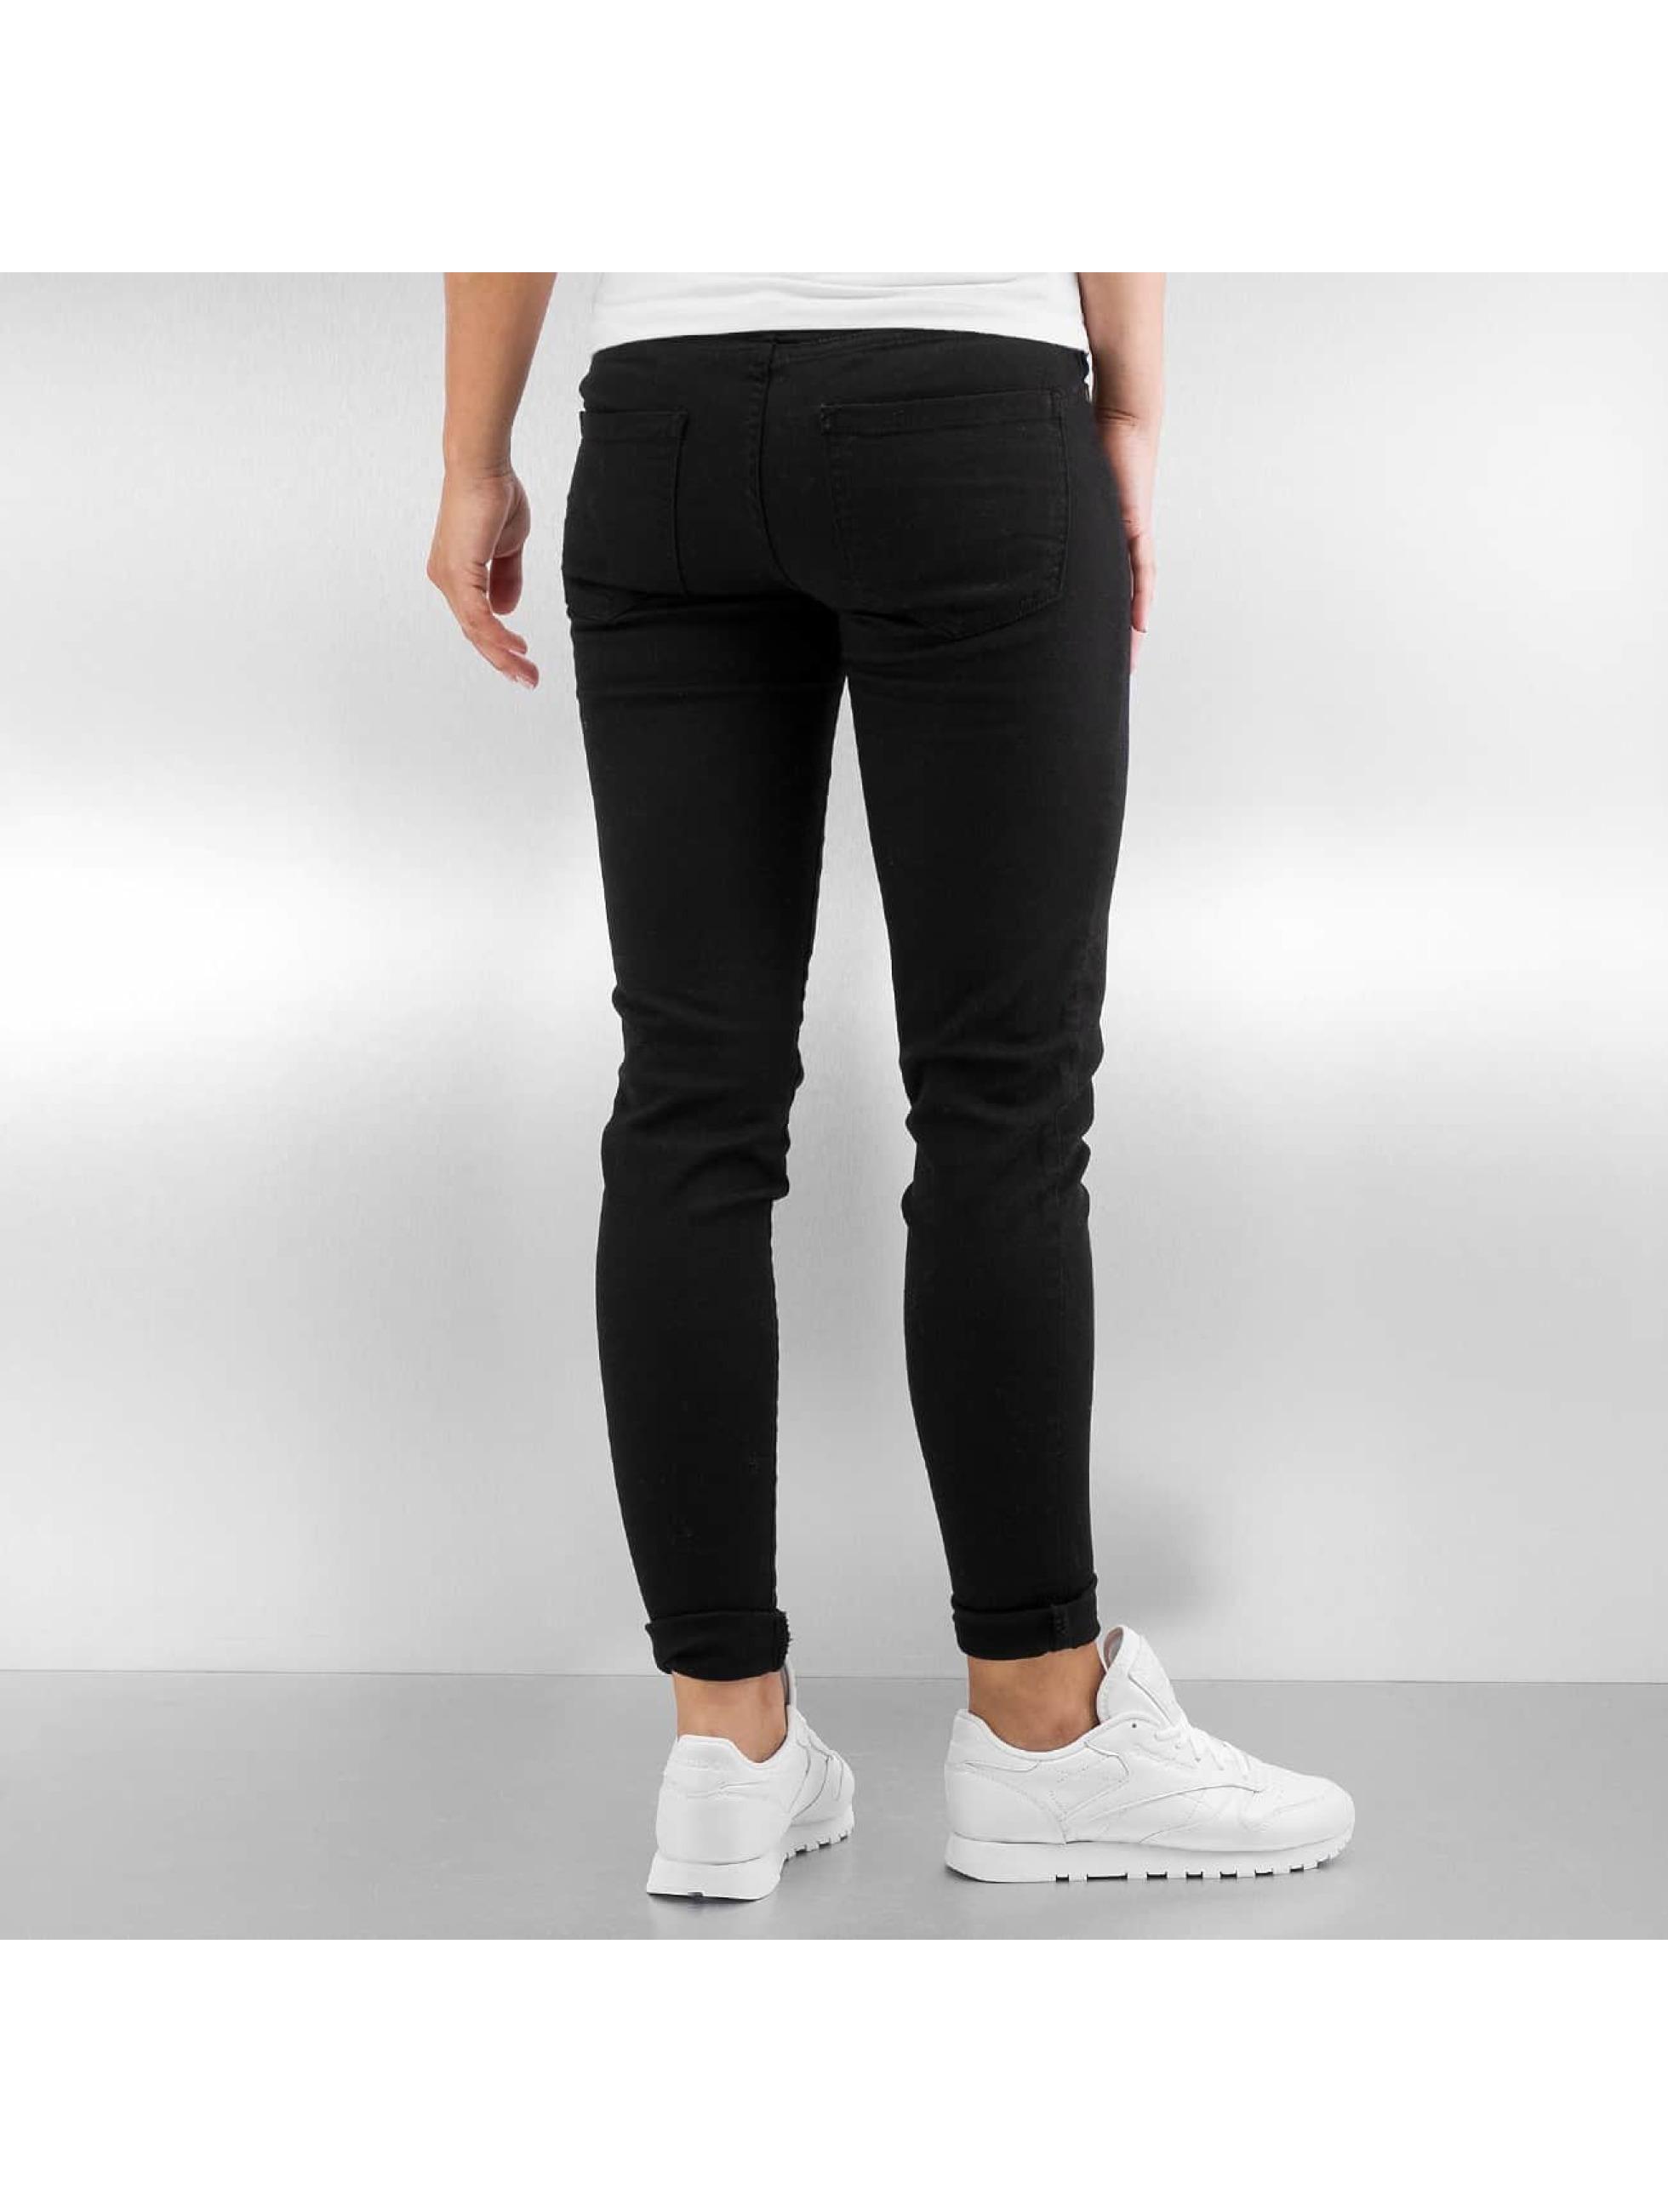 Urban Classics Skinny Jeans Ladies schwarz